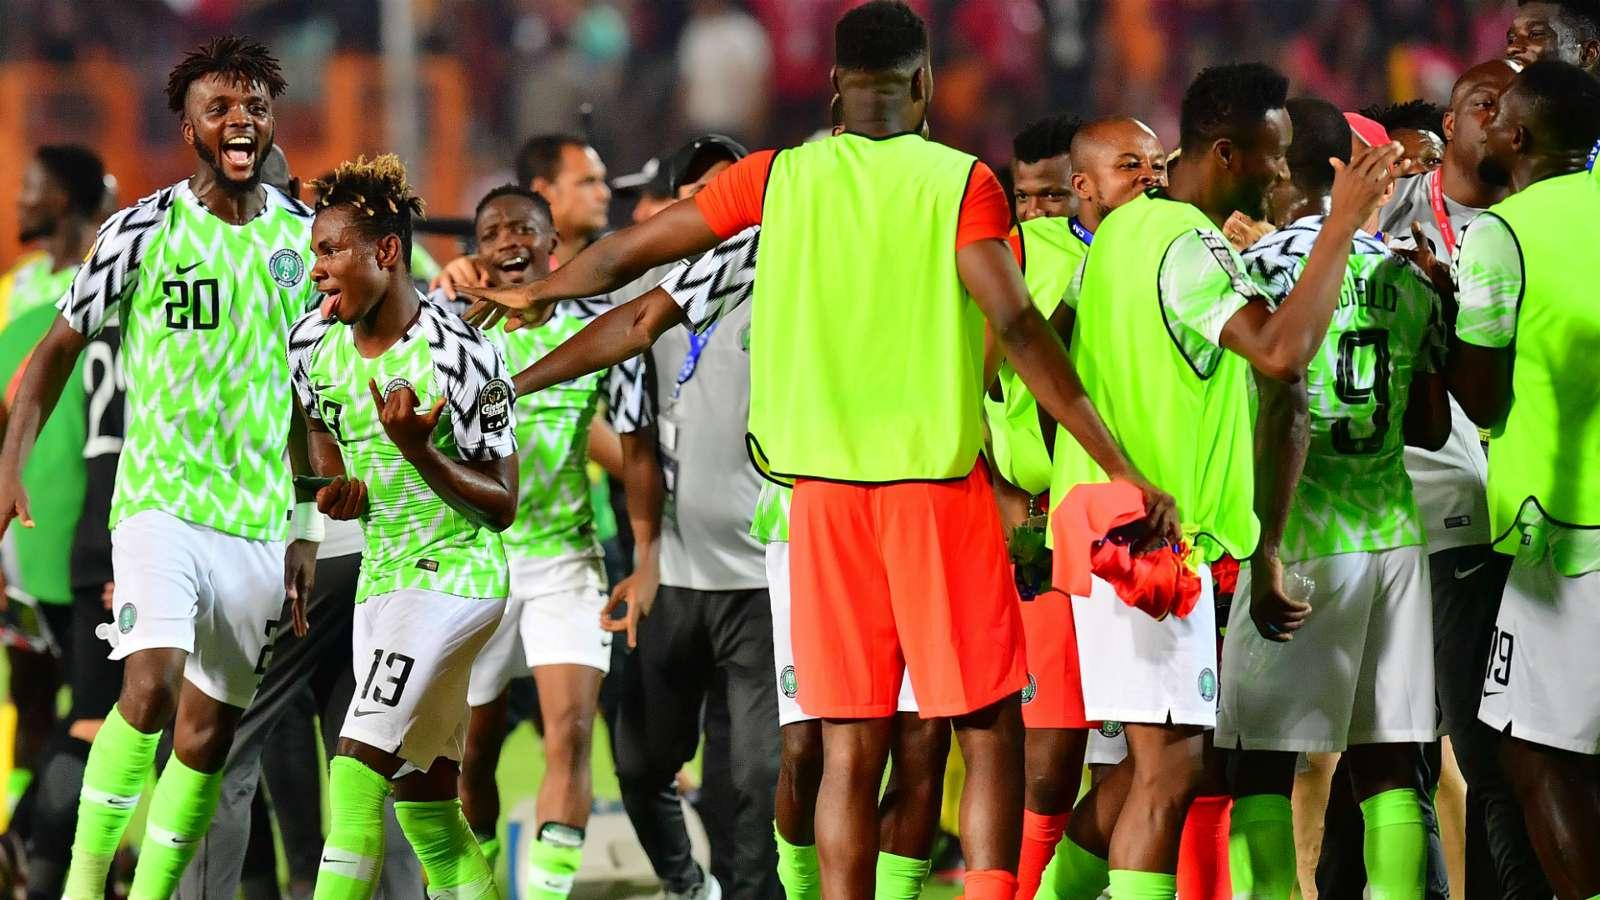 Afcon 2019:南非的胜利与尼日利亚2013年的成功相似 - 米克尔